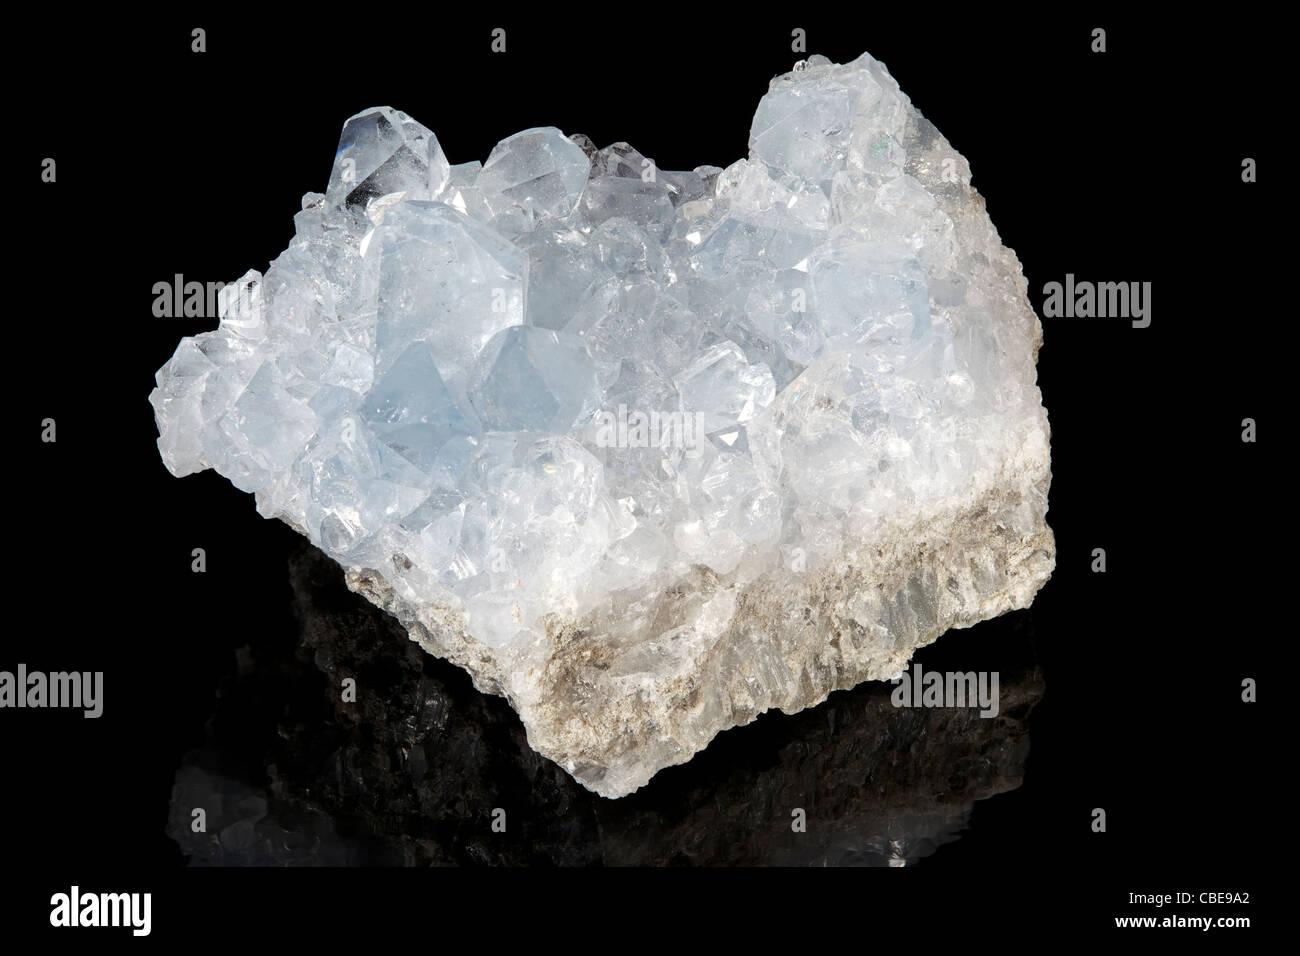 Celestite (Strontium Sulfate) - Stock Image